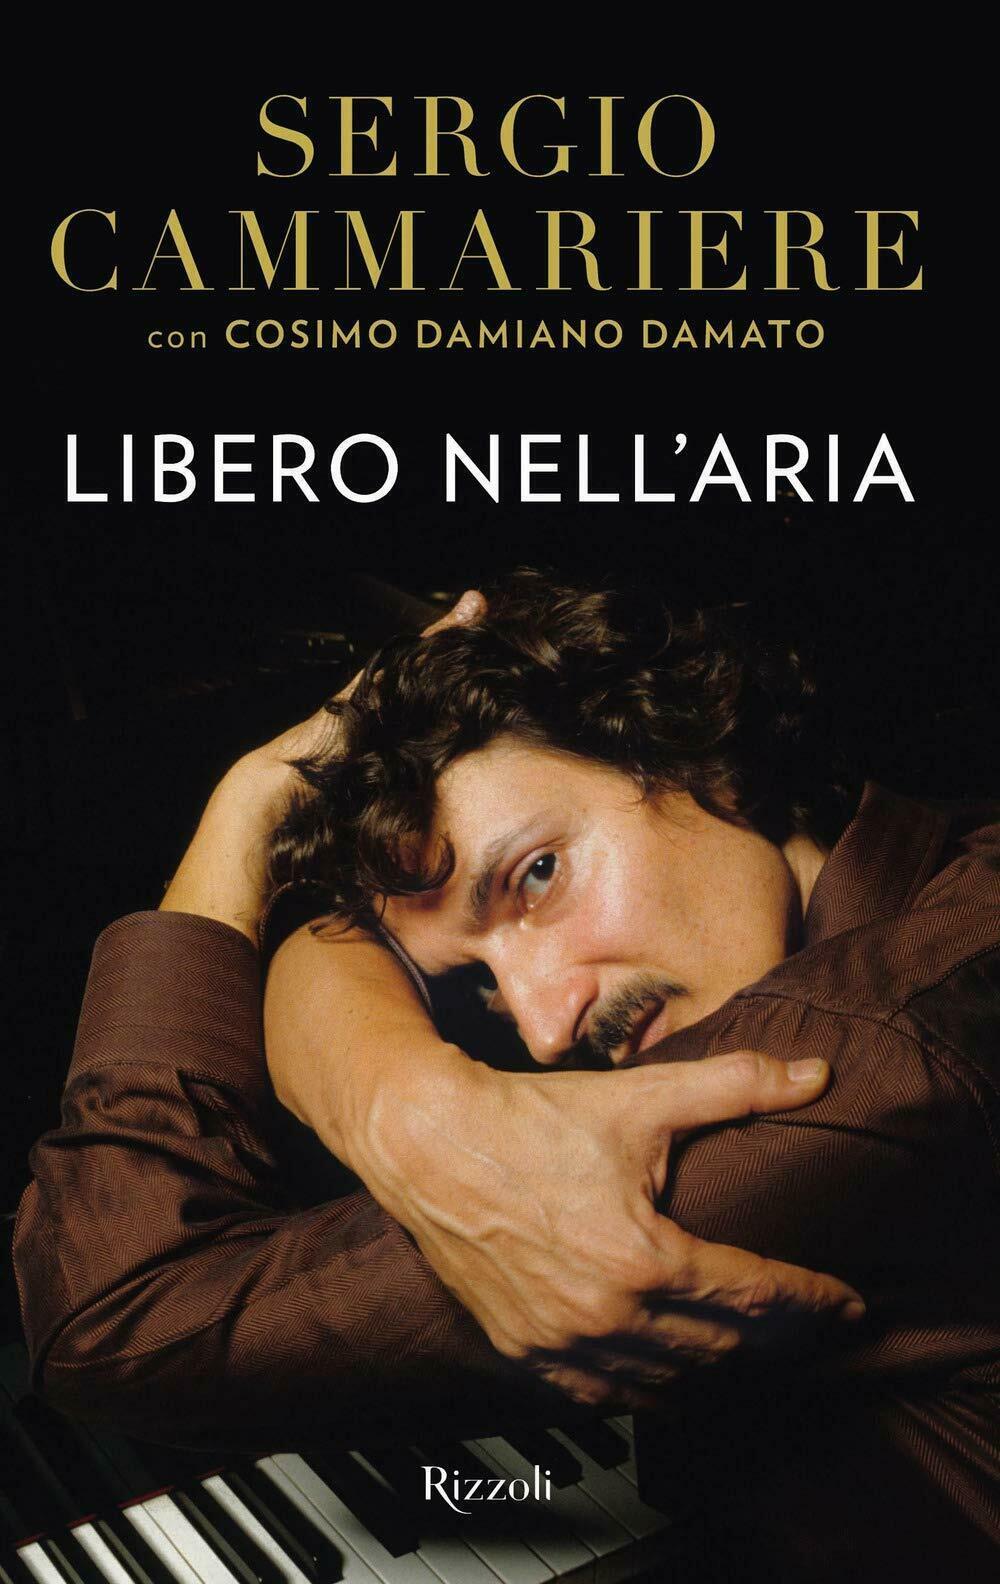 Sergio Cammariere: dal capolavoro musicale a quello letterario